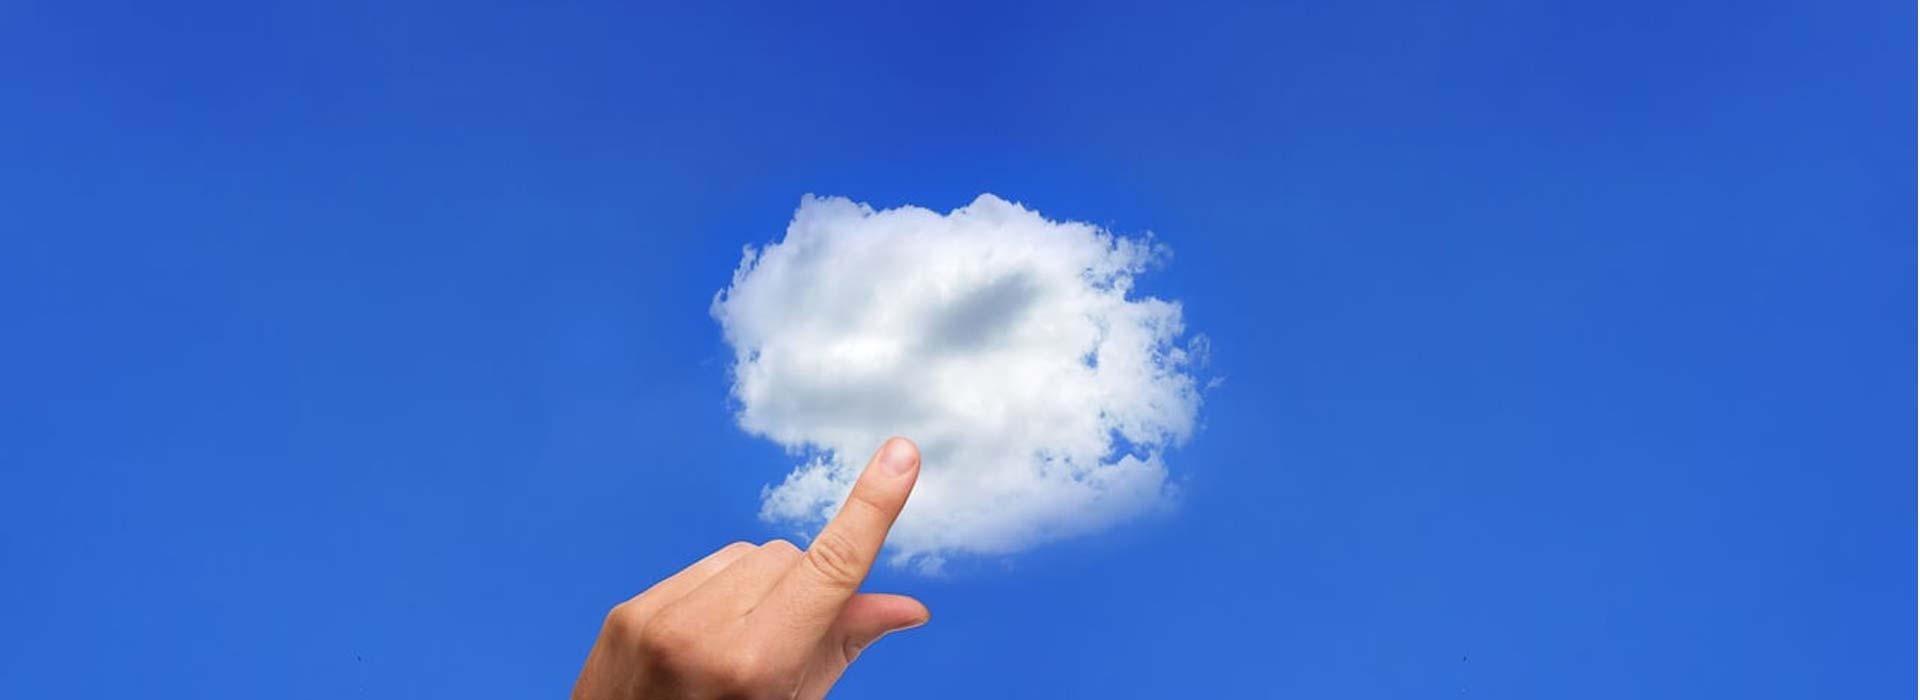 DINOB-Cloud